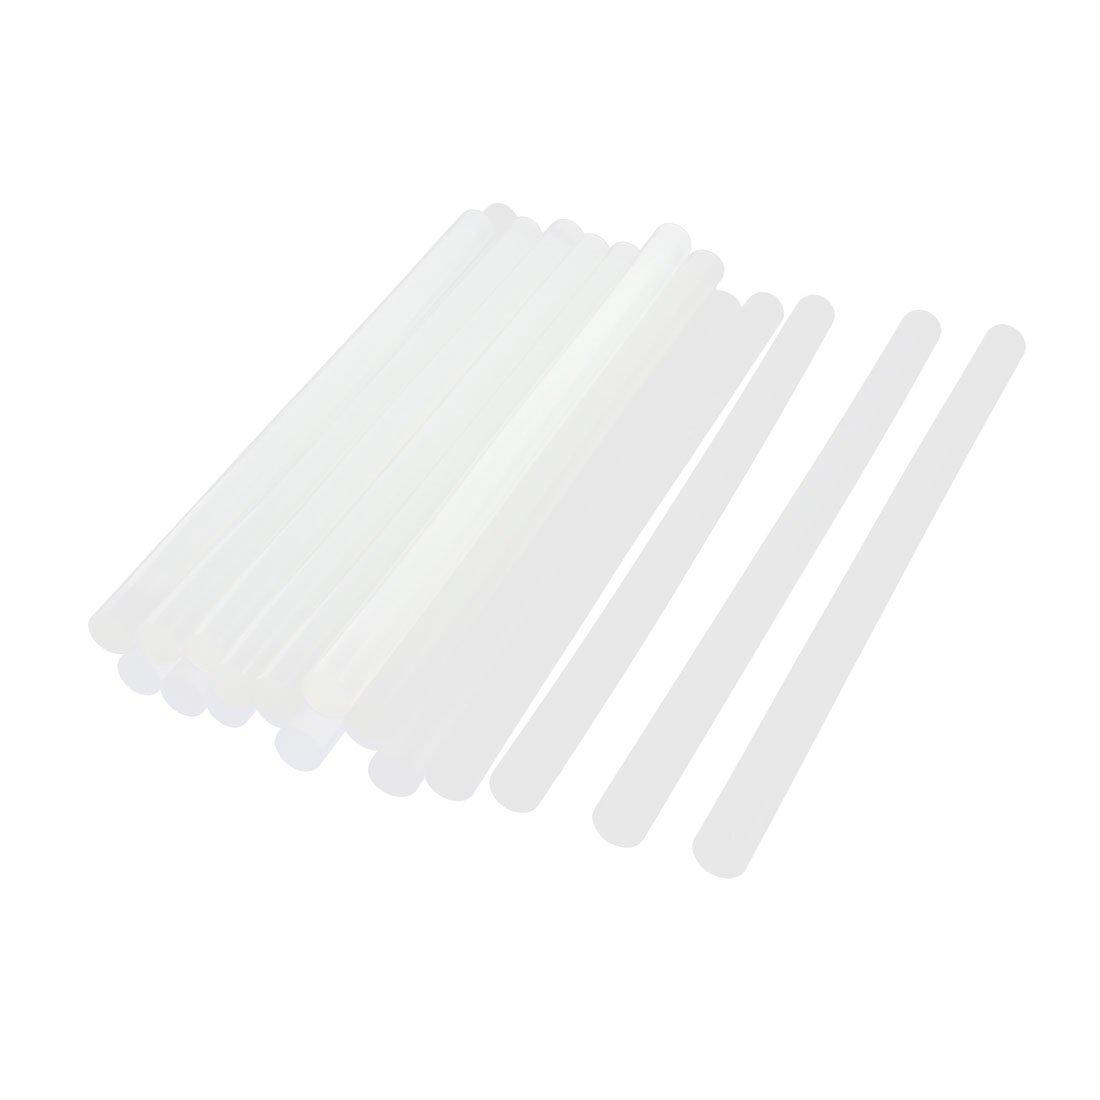 20/pcs 11/x 200/mm Hot Melt Glue adh/ésif b/âton Blanc transparent pour travaux manuels